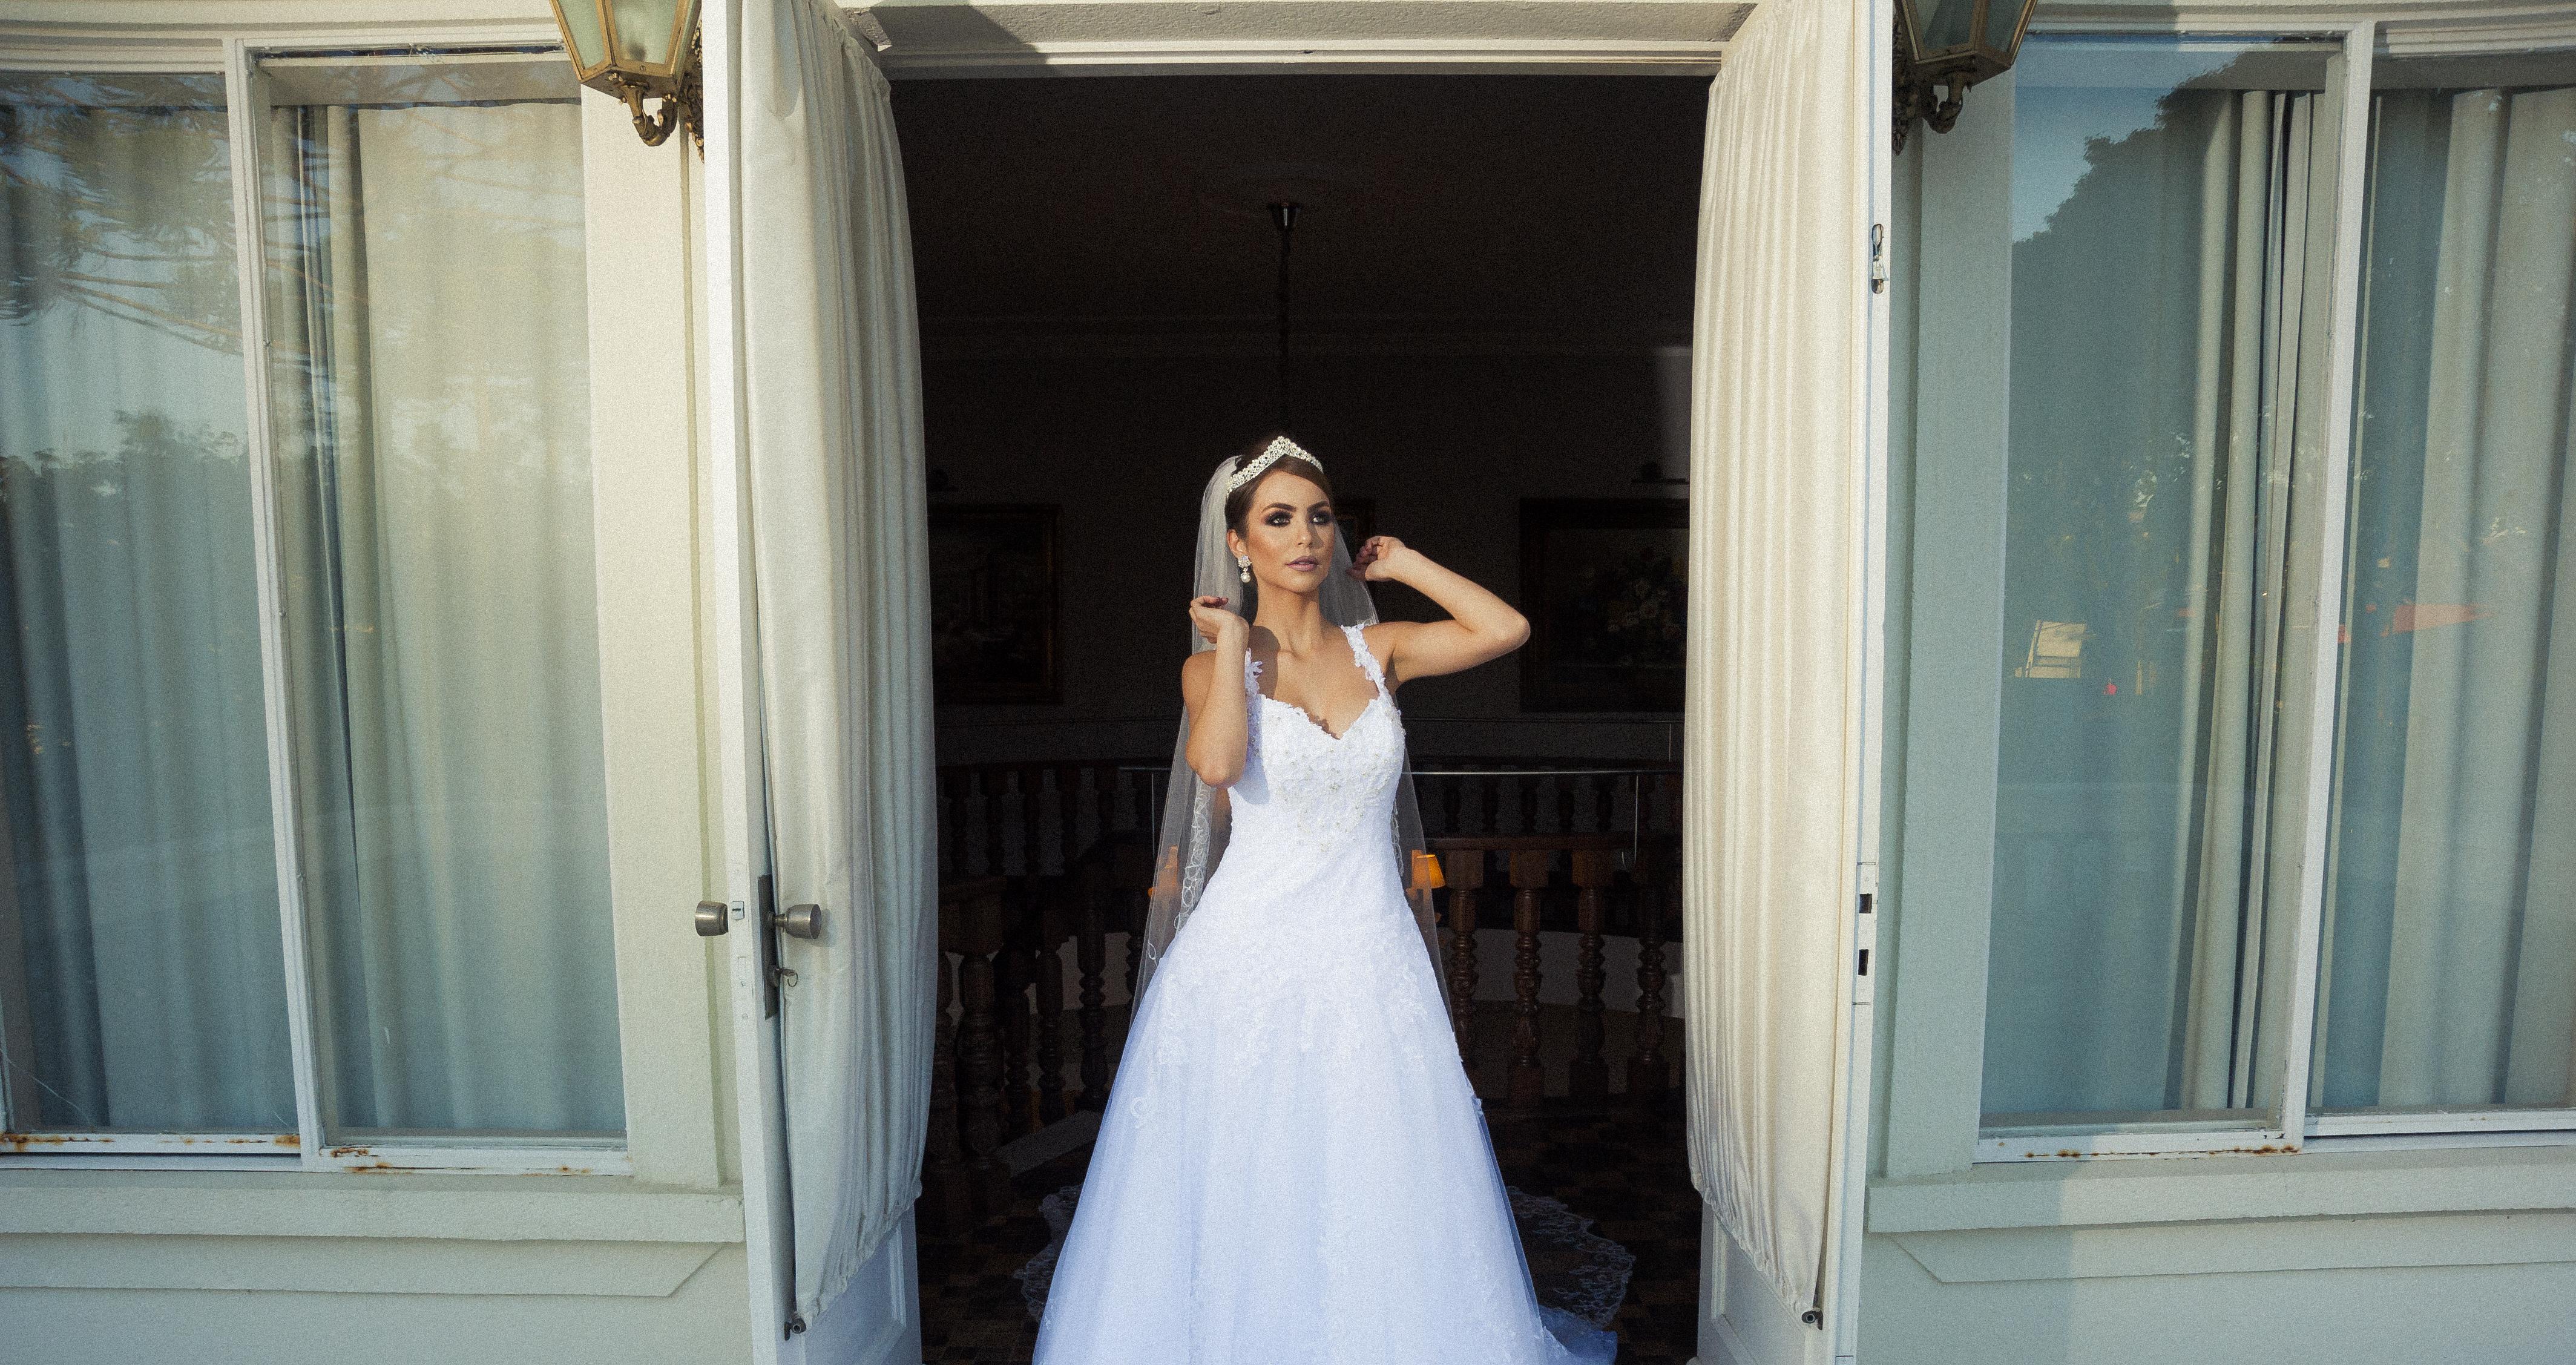 Contate Maycon Moura - Fotógrafo de casamento em Curitiba e Brasil